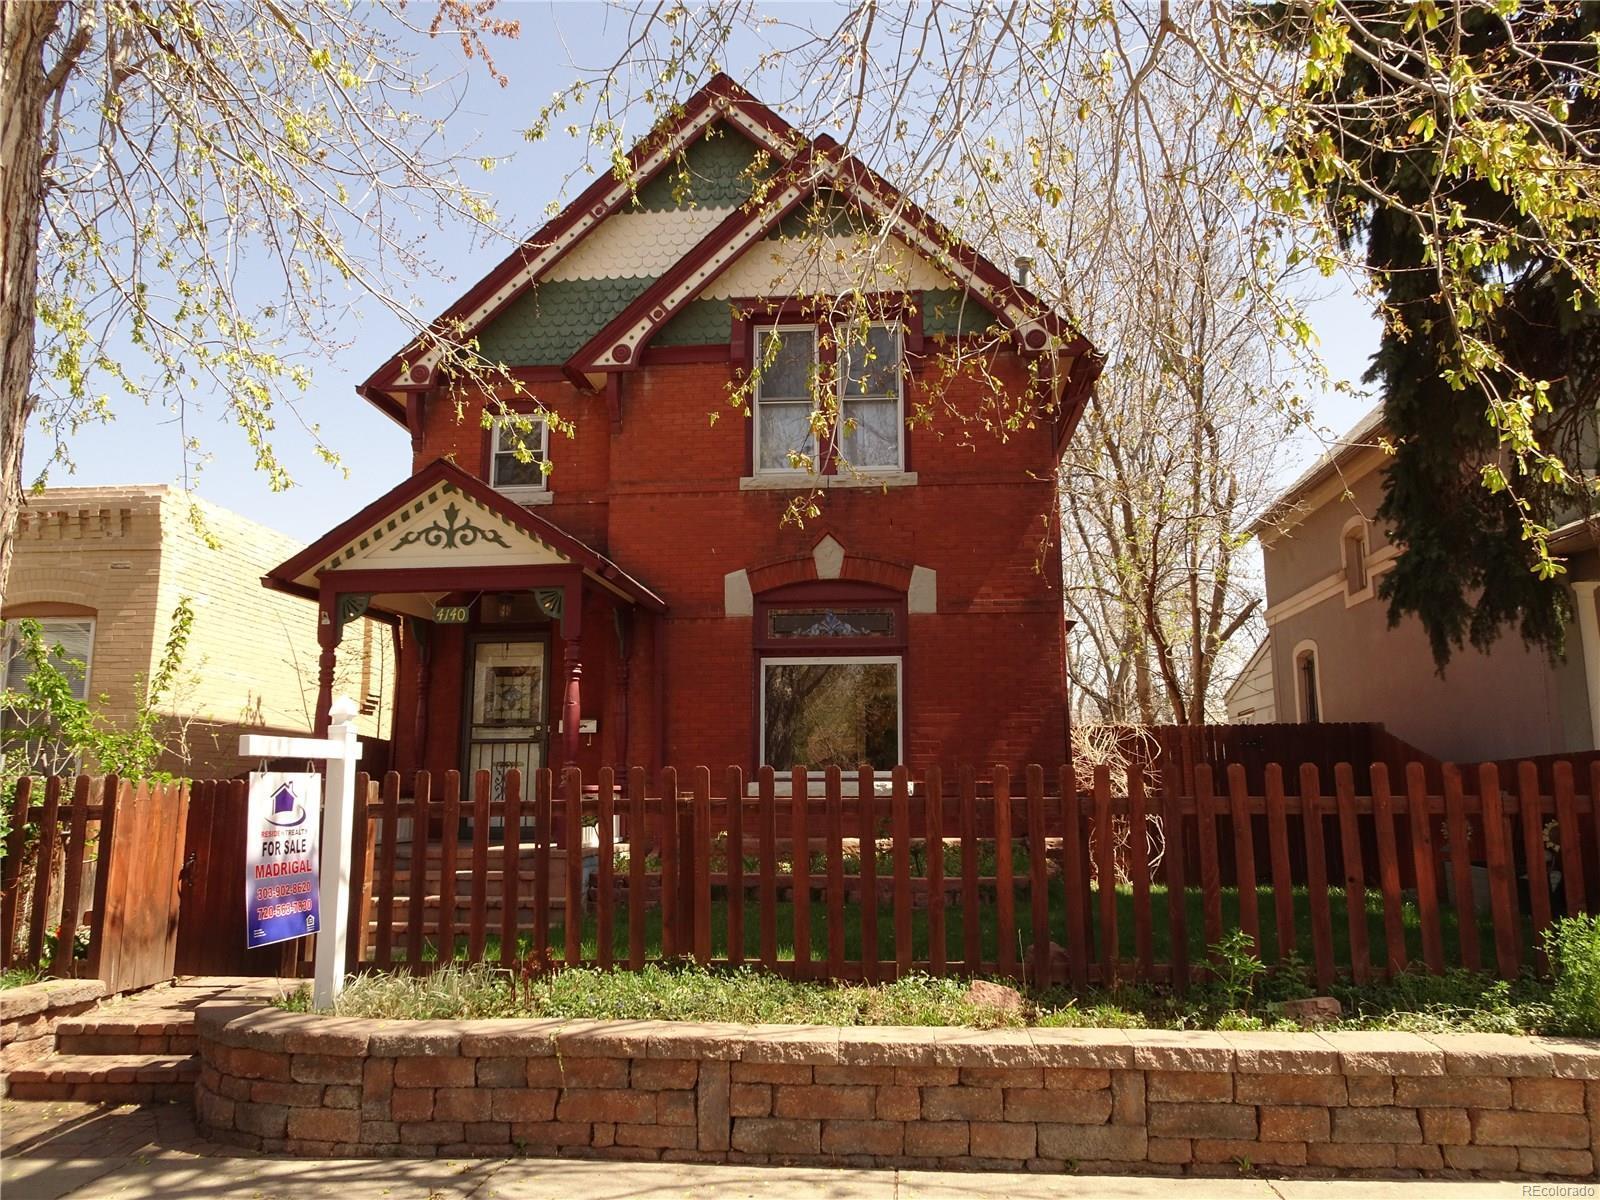 4140 Vallejo St, Denver, CO 80211 - Estimate and Home Details | Trulia